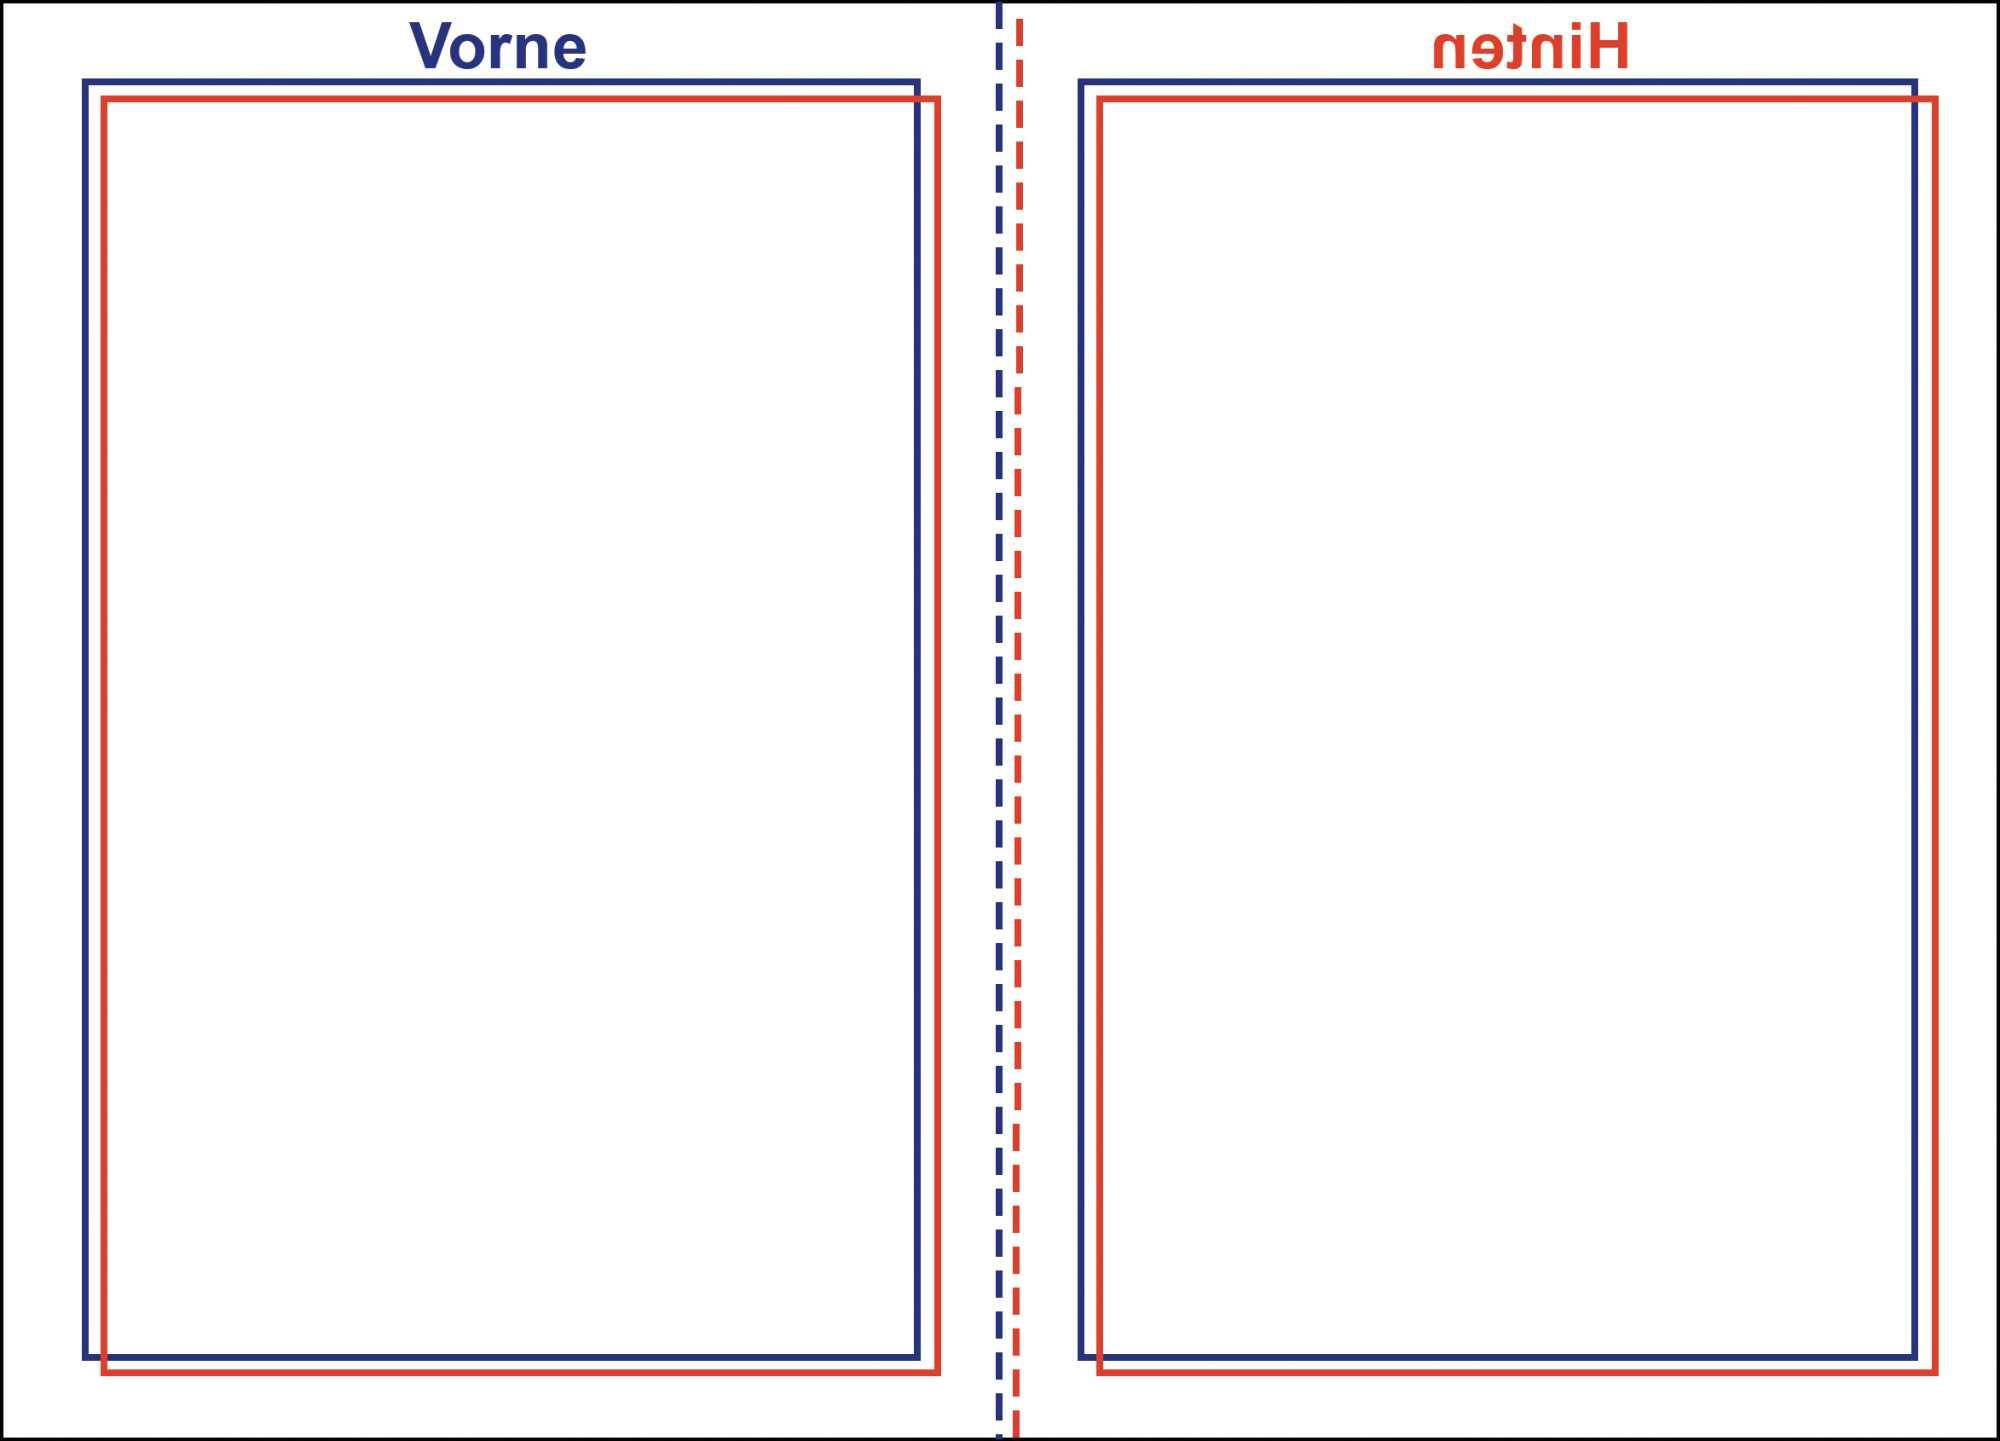 Ob sich die Seiten der selbst gedruckten Broschüre genau kombinieren lassen, verrät der Ausdruck eines solchen Testdokuments, den man gegen das Licht hält. Im Idealfall sind Vorder- und Rückseite deckungsgleich, Versatz wie hier bedarf der Korrektur.